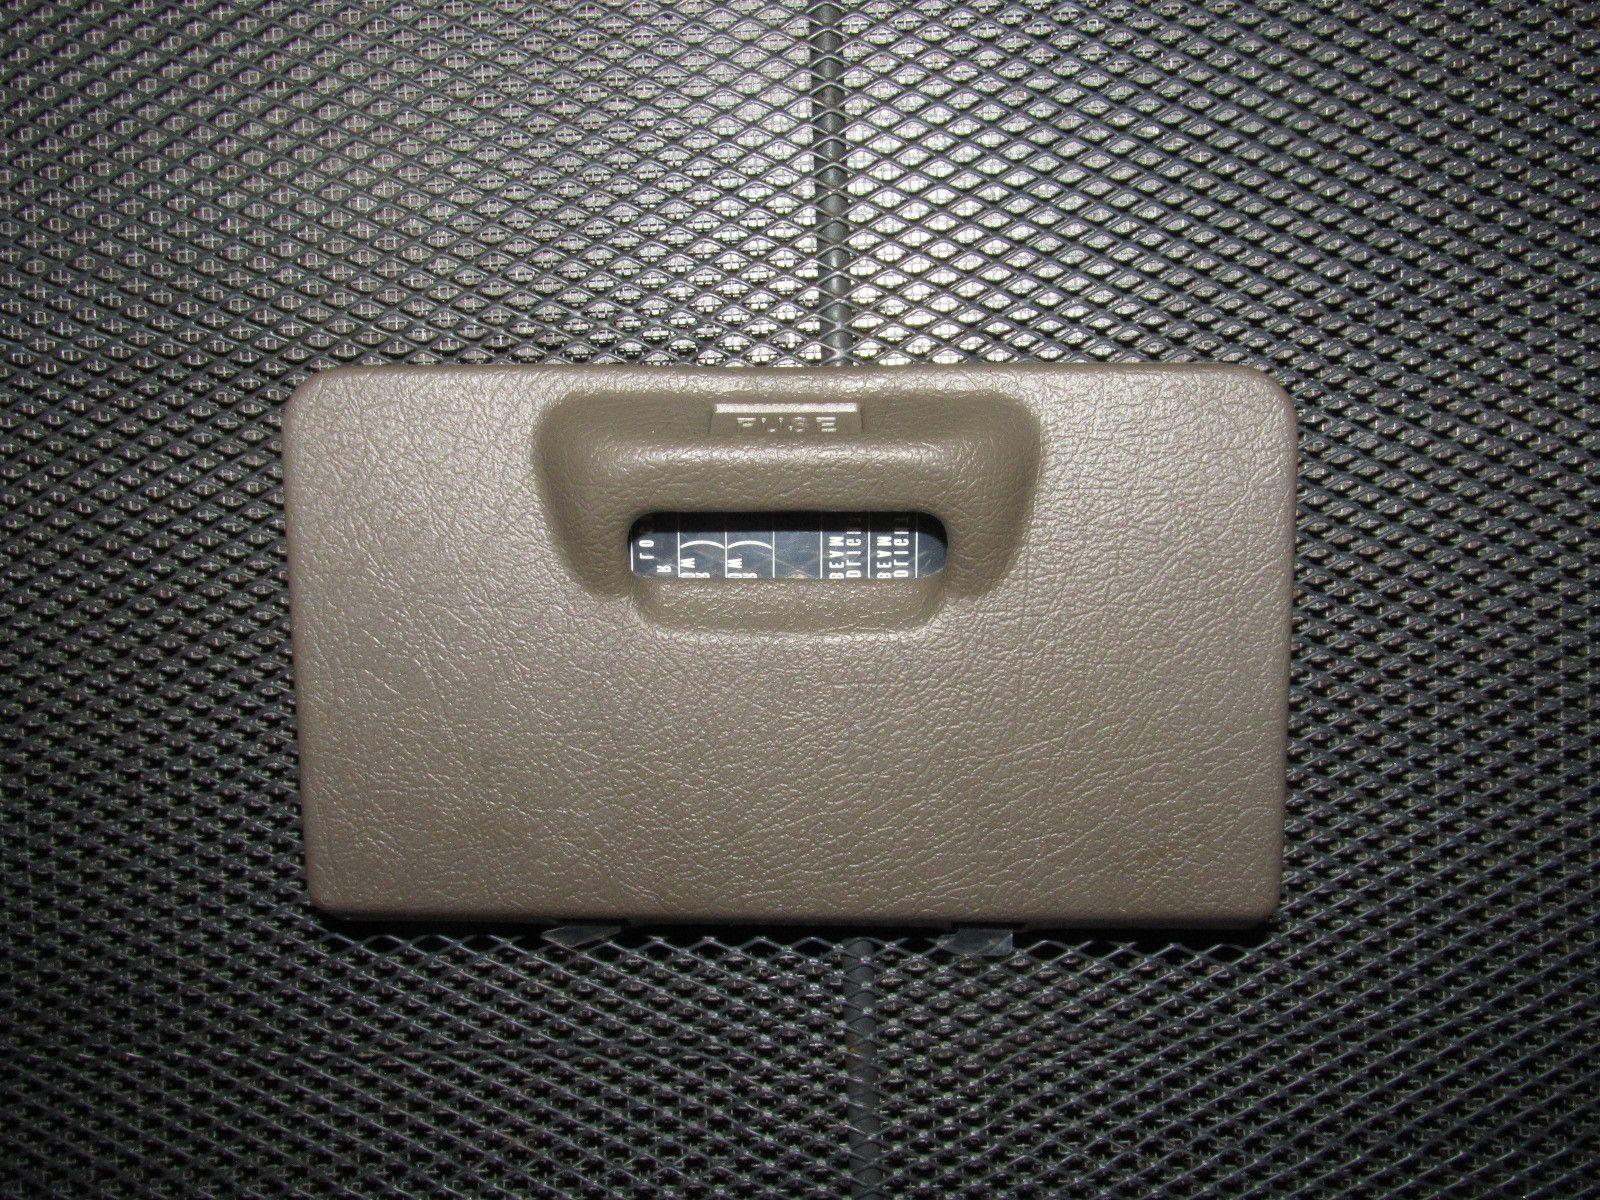 94 01 acura integra oem interior fuse box cover [ 1600 x 1200 Pixel ]